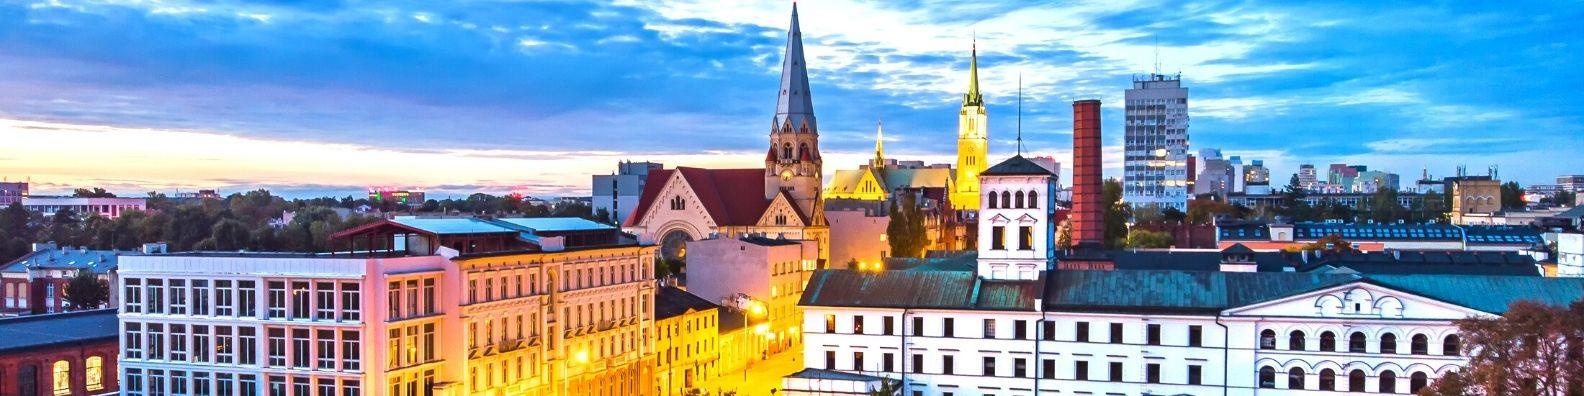 Czy opłaca się kupić mieszkanie na wynajem w Łodzi?